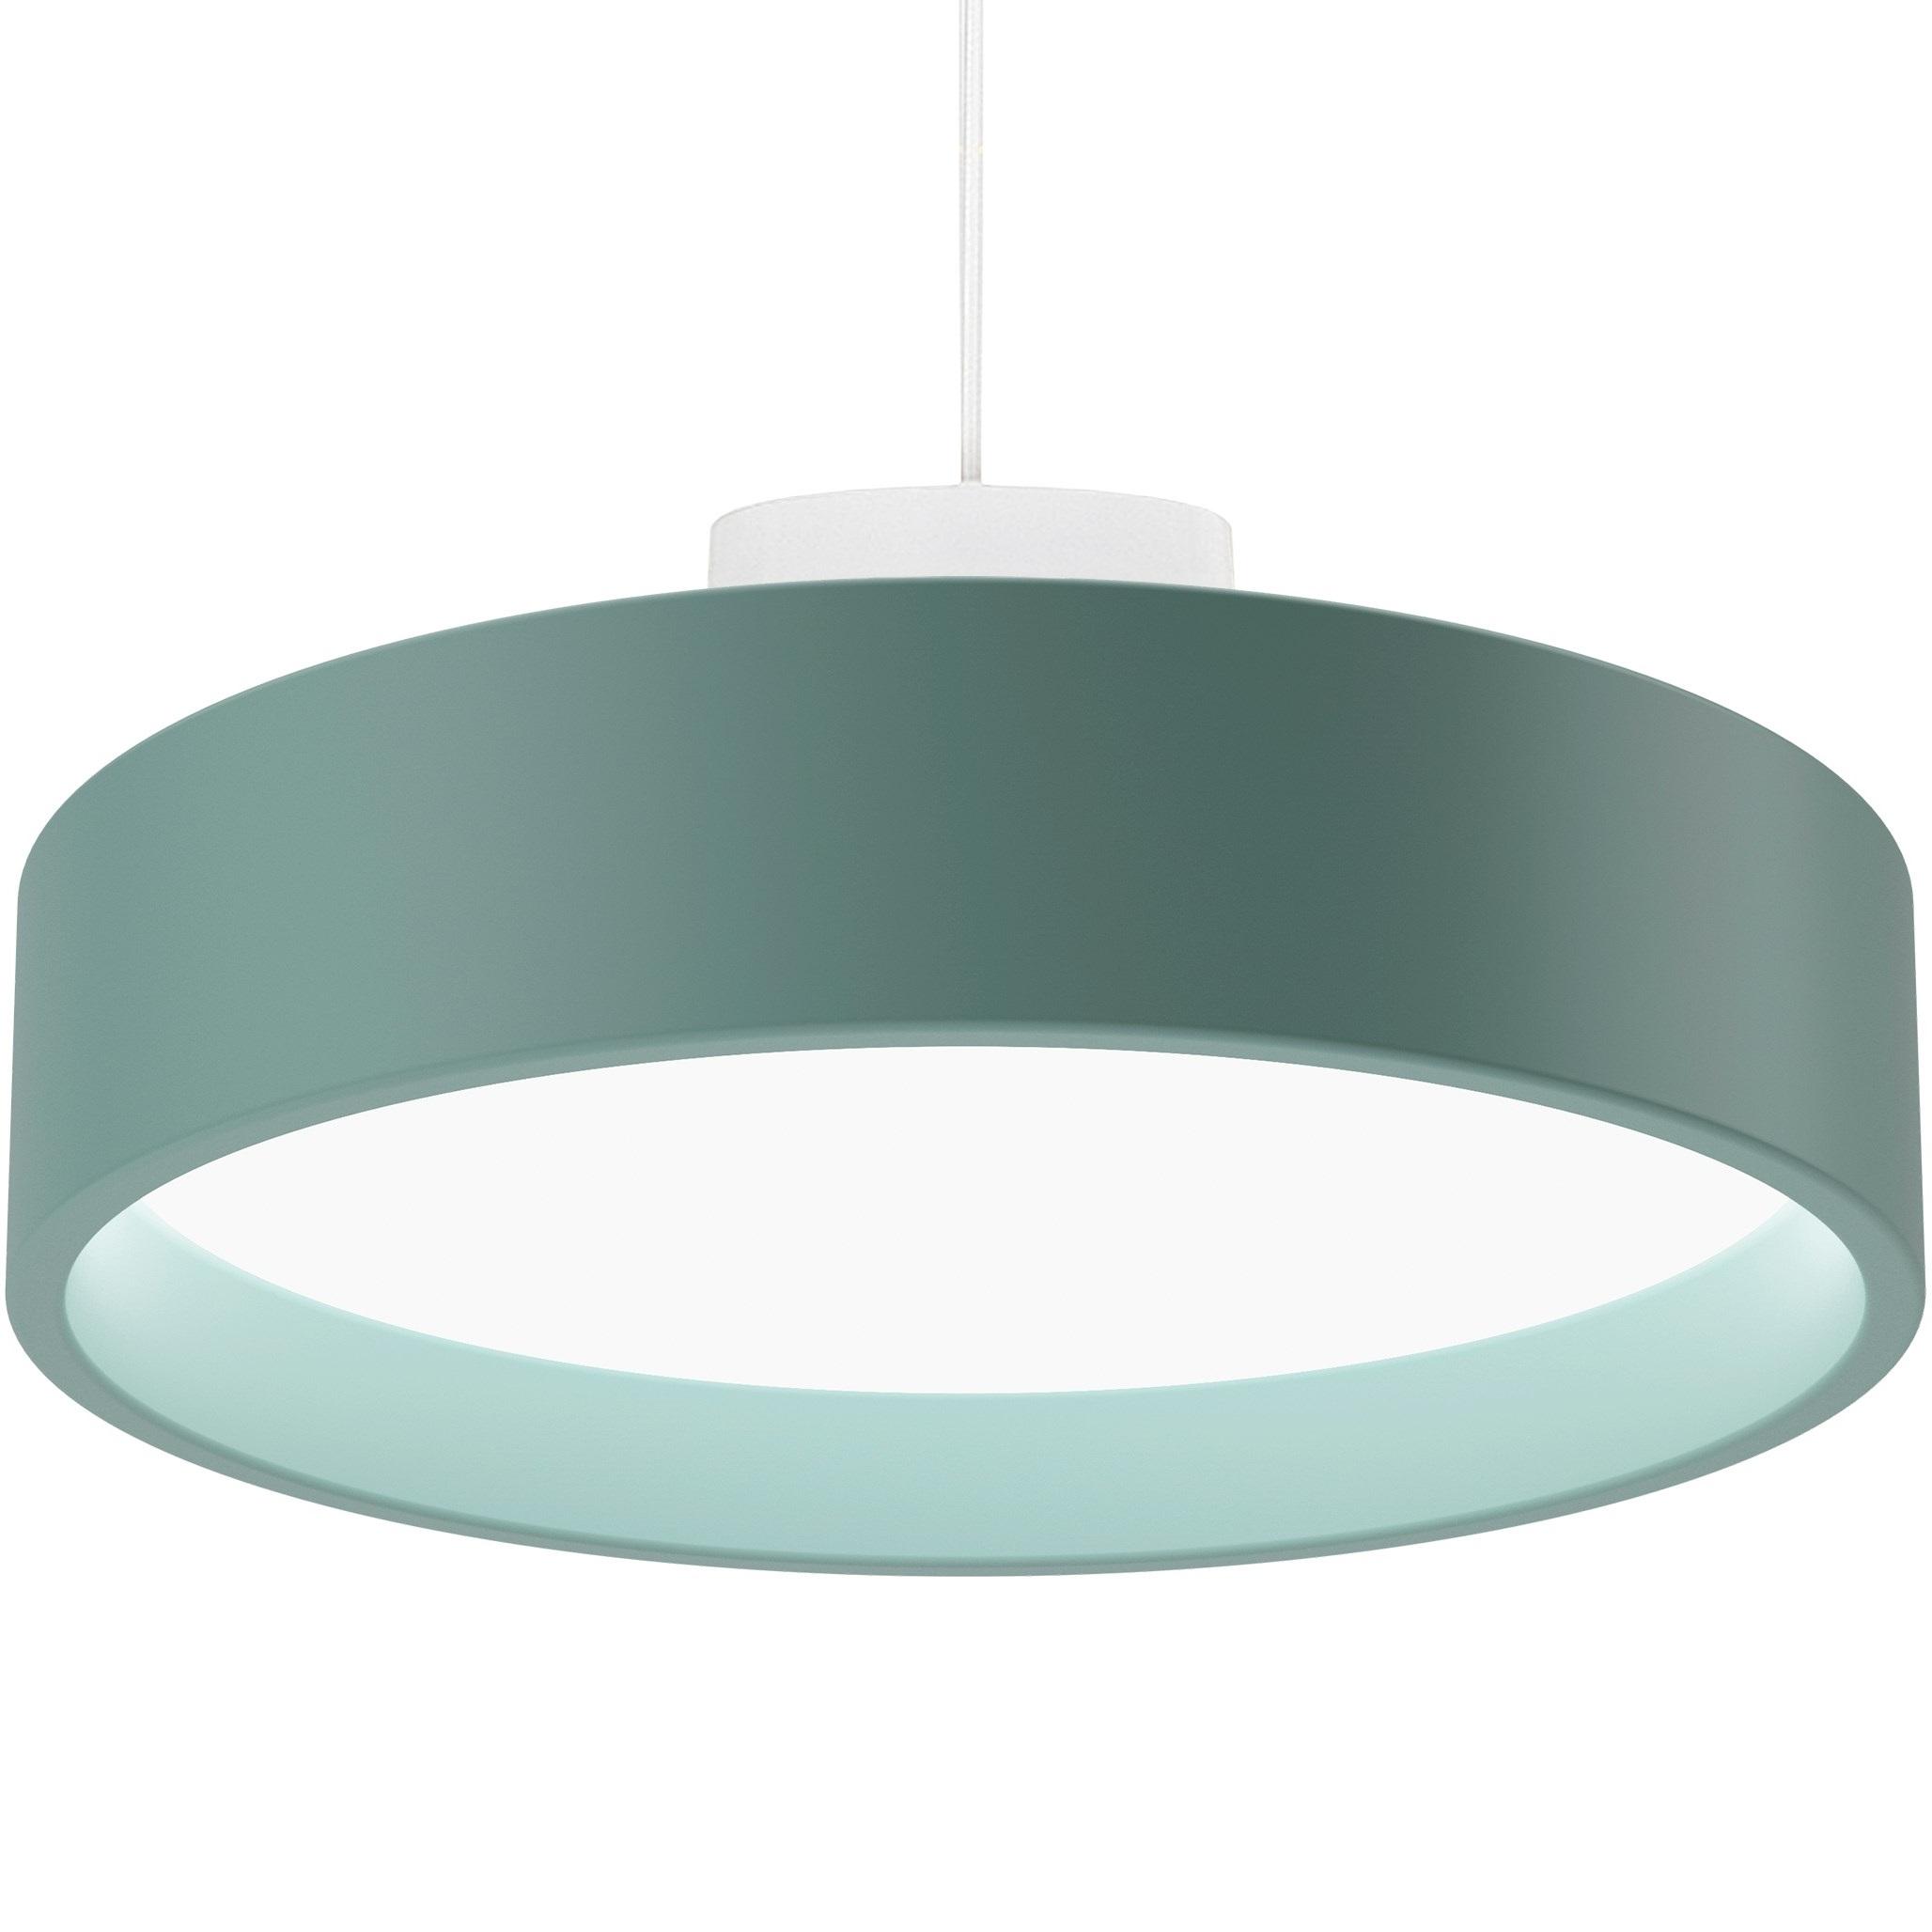 Lp Circle Suspended Louis Poulsen Suspension Lamp